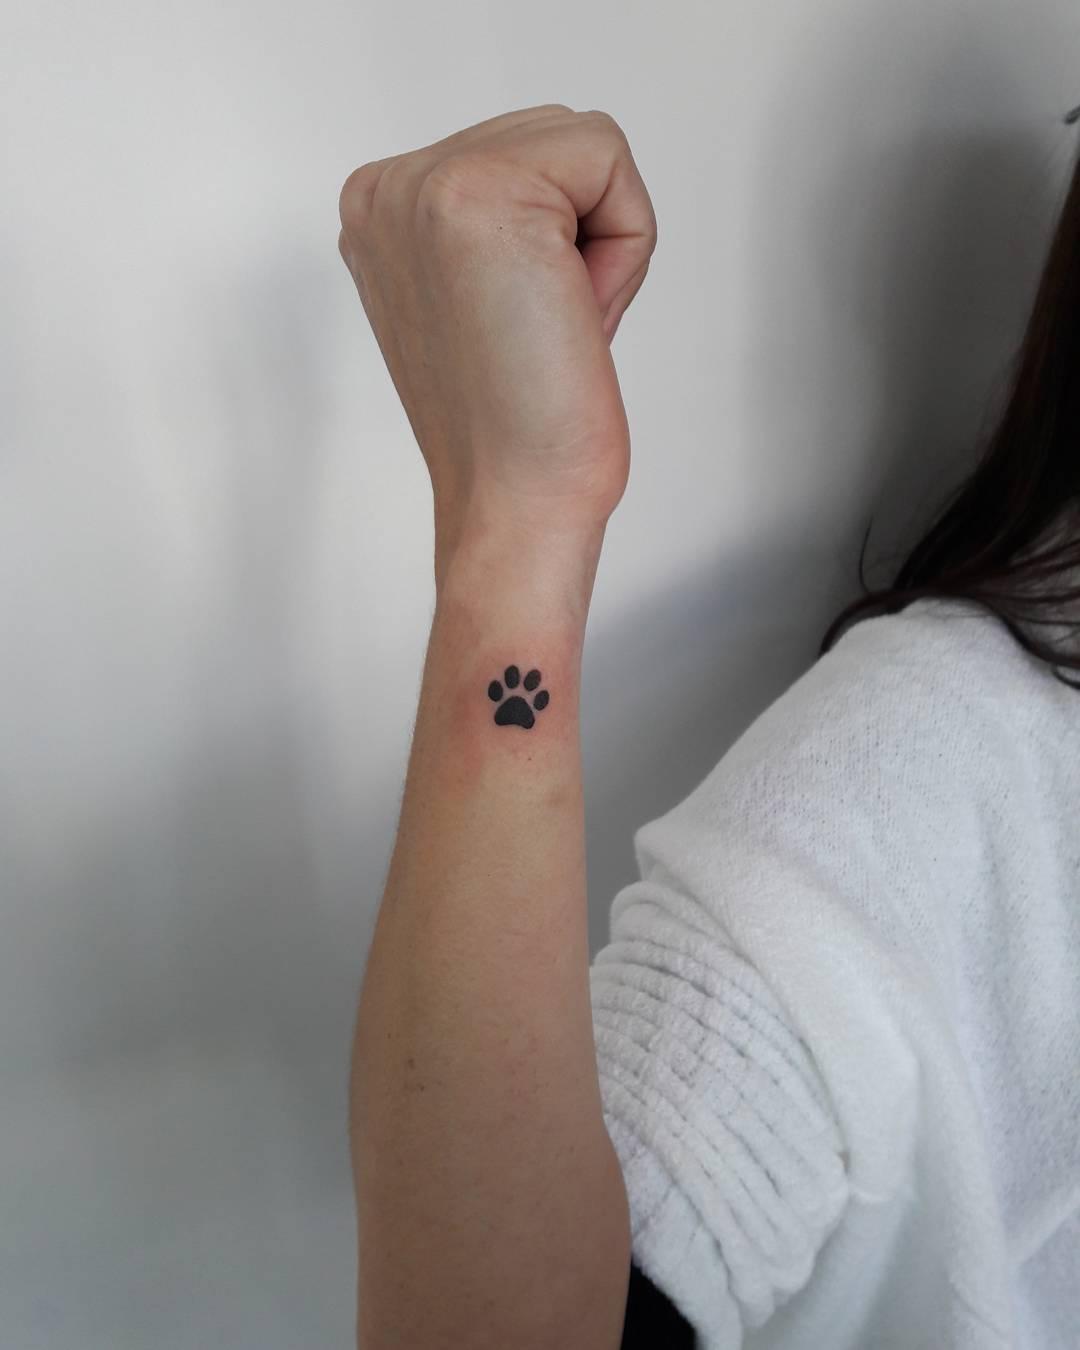 Foto: Reprodução / Daniela Mansur Tattoo